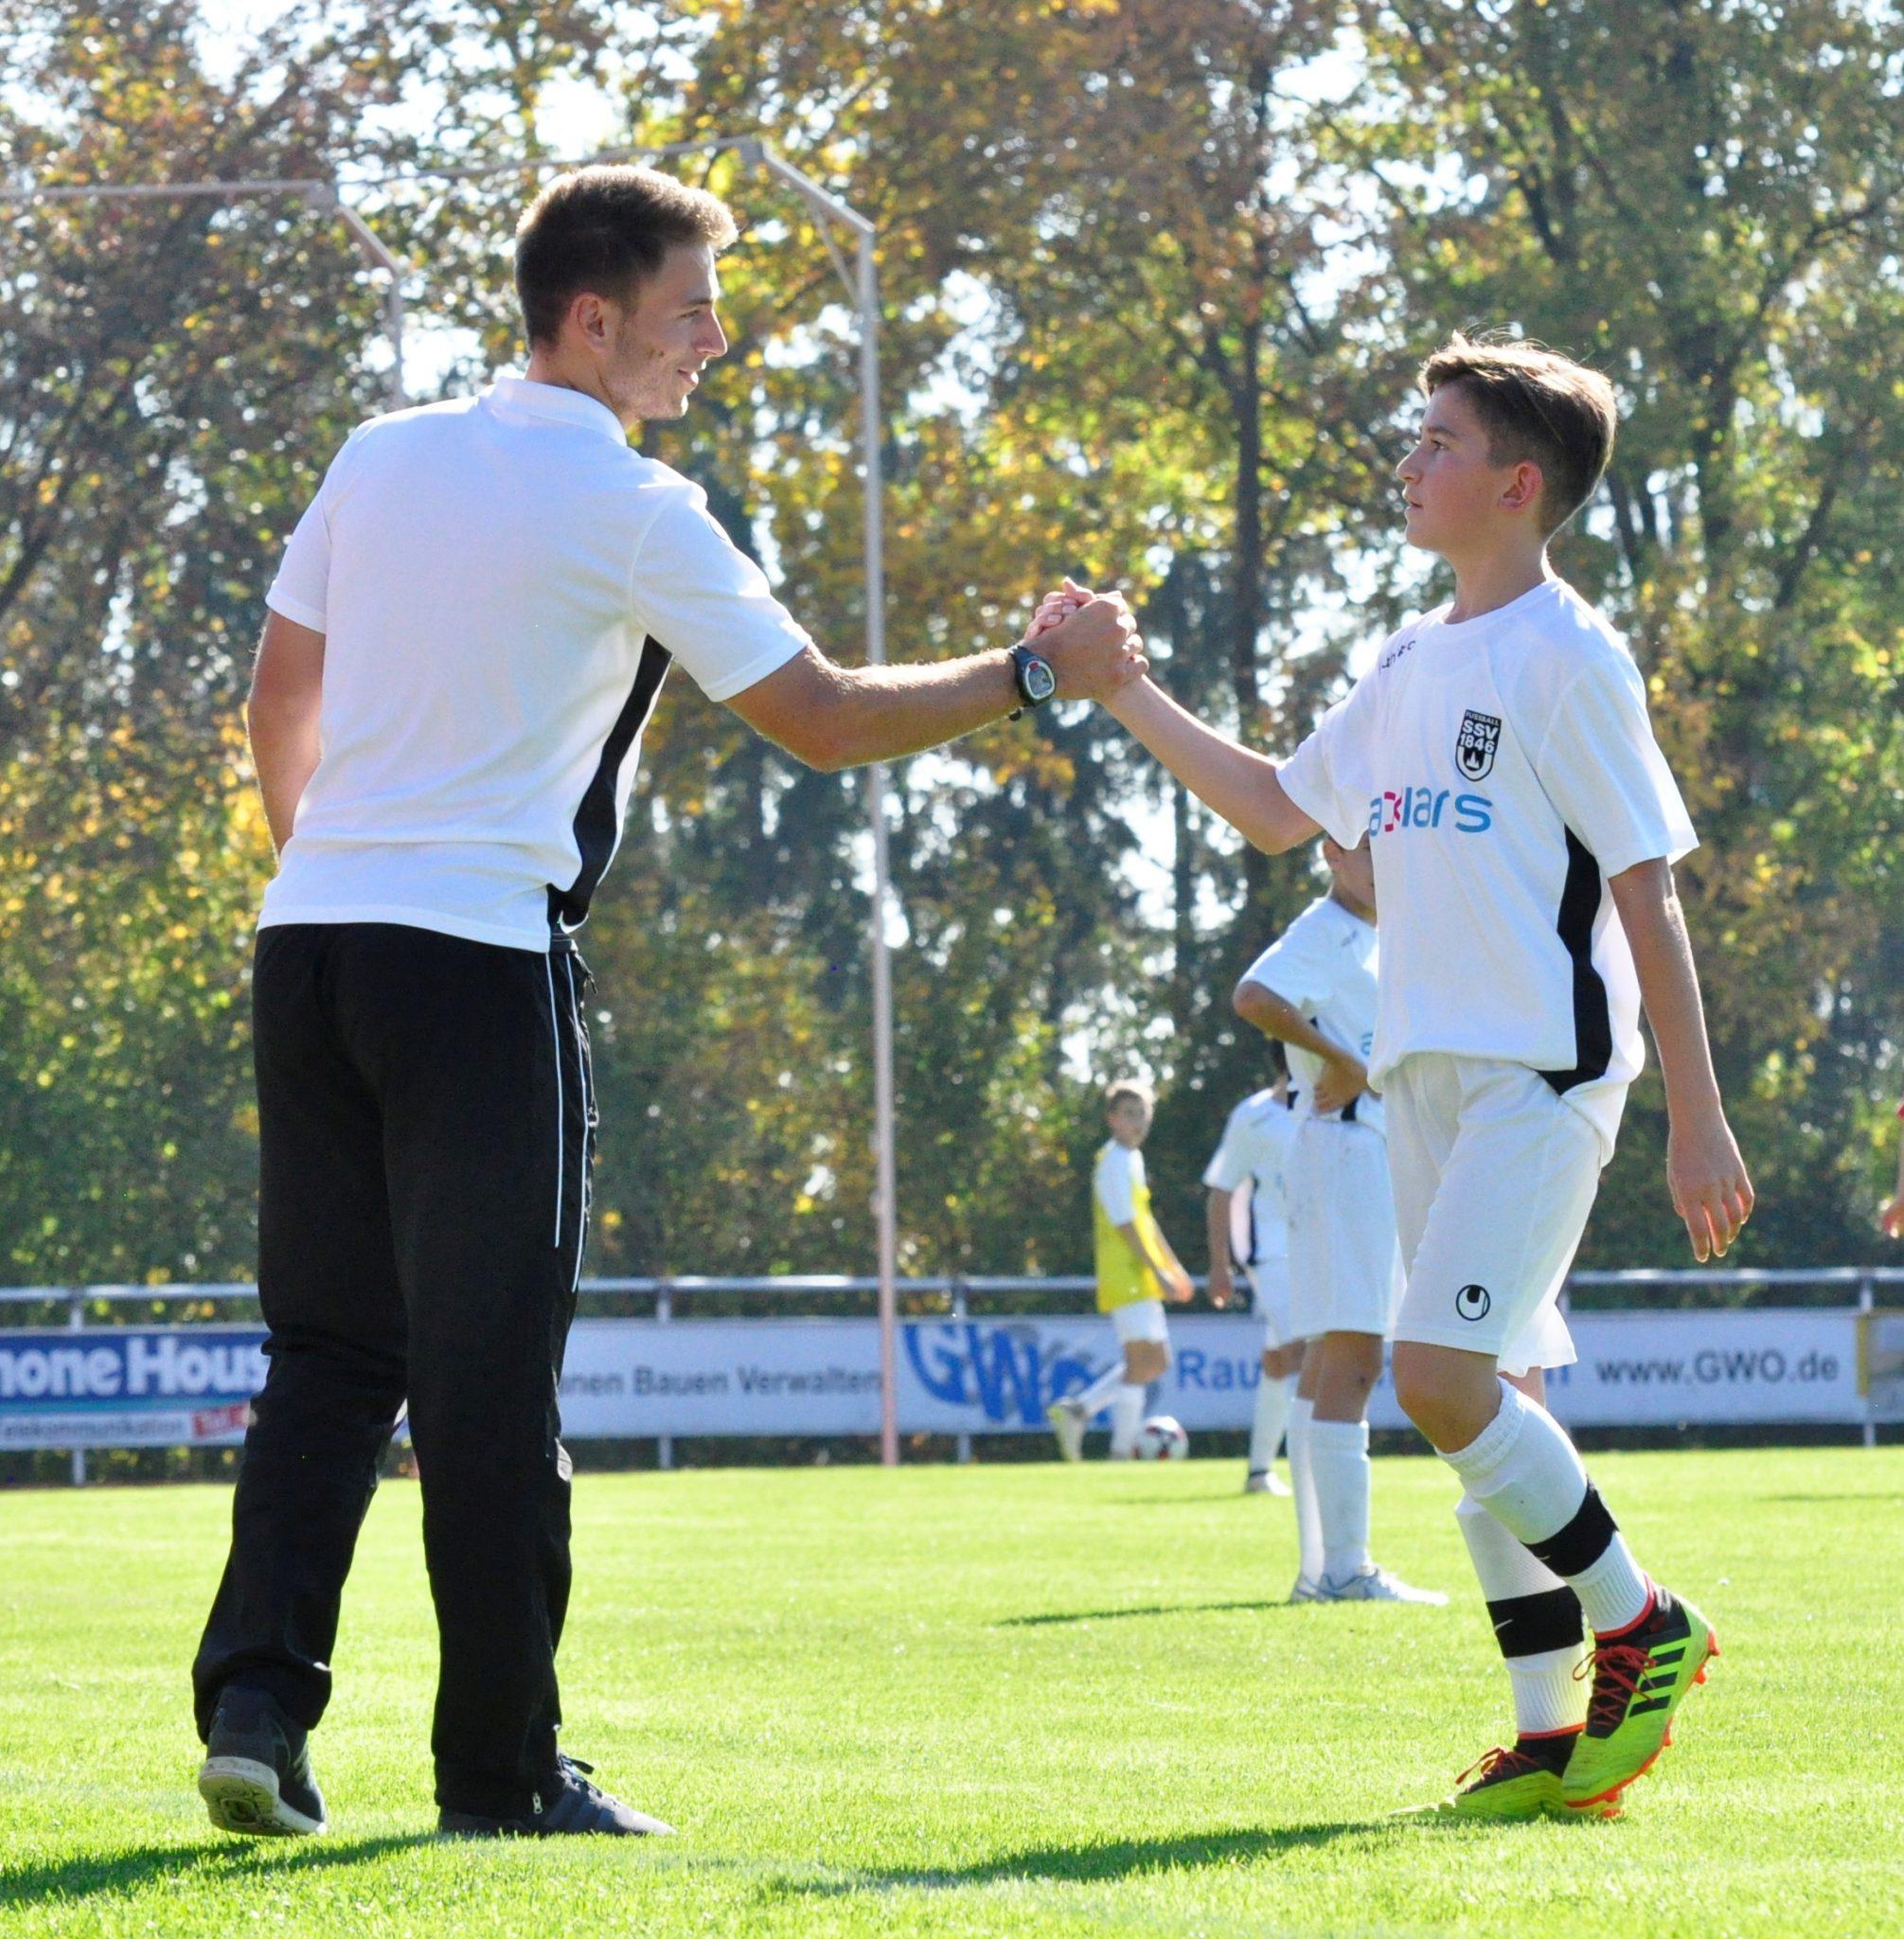 Fußball Einzeltraining Ulm, Individualtraining Fussball